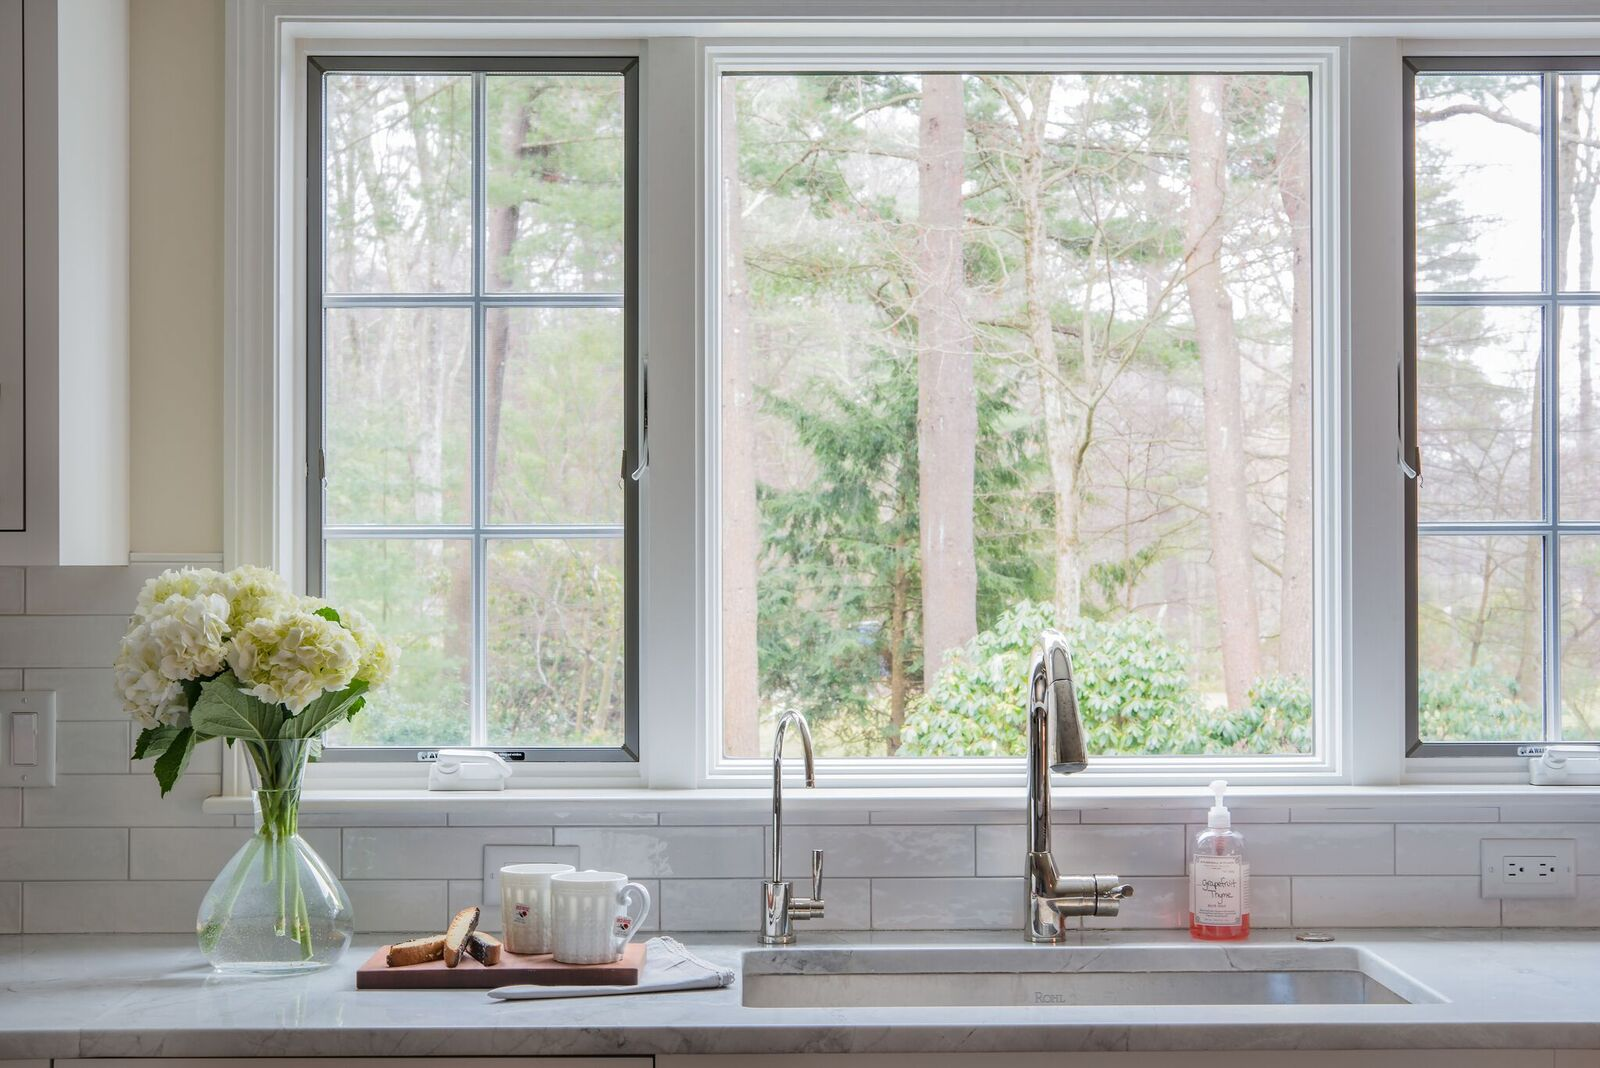 Pic 5 Kitchen window sink.jpg